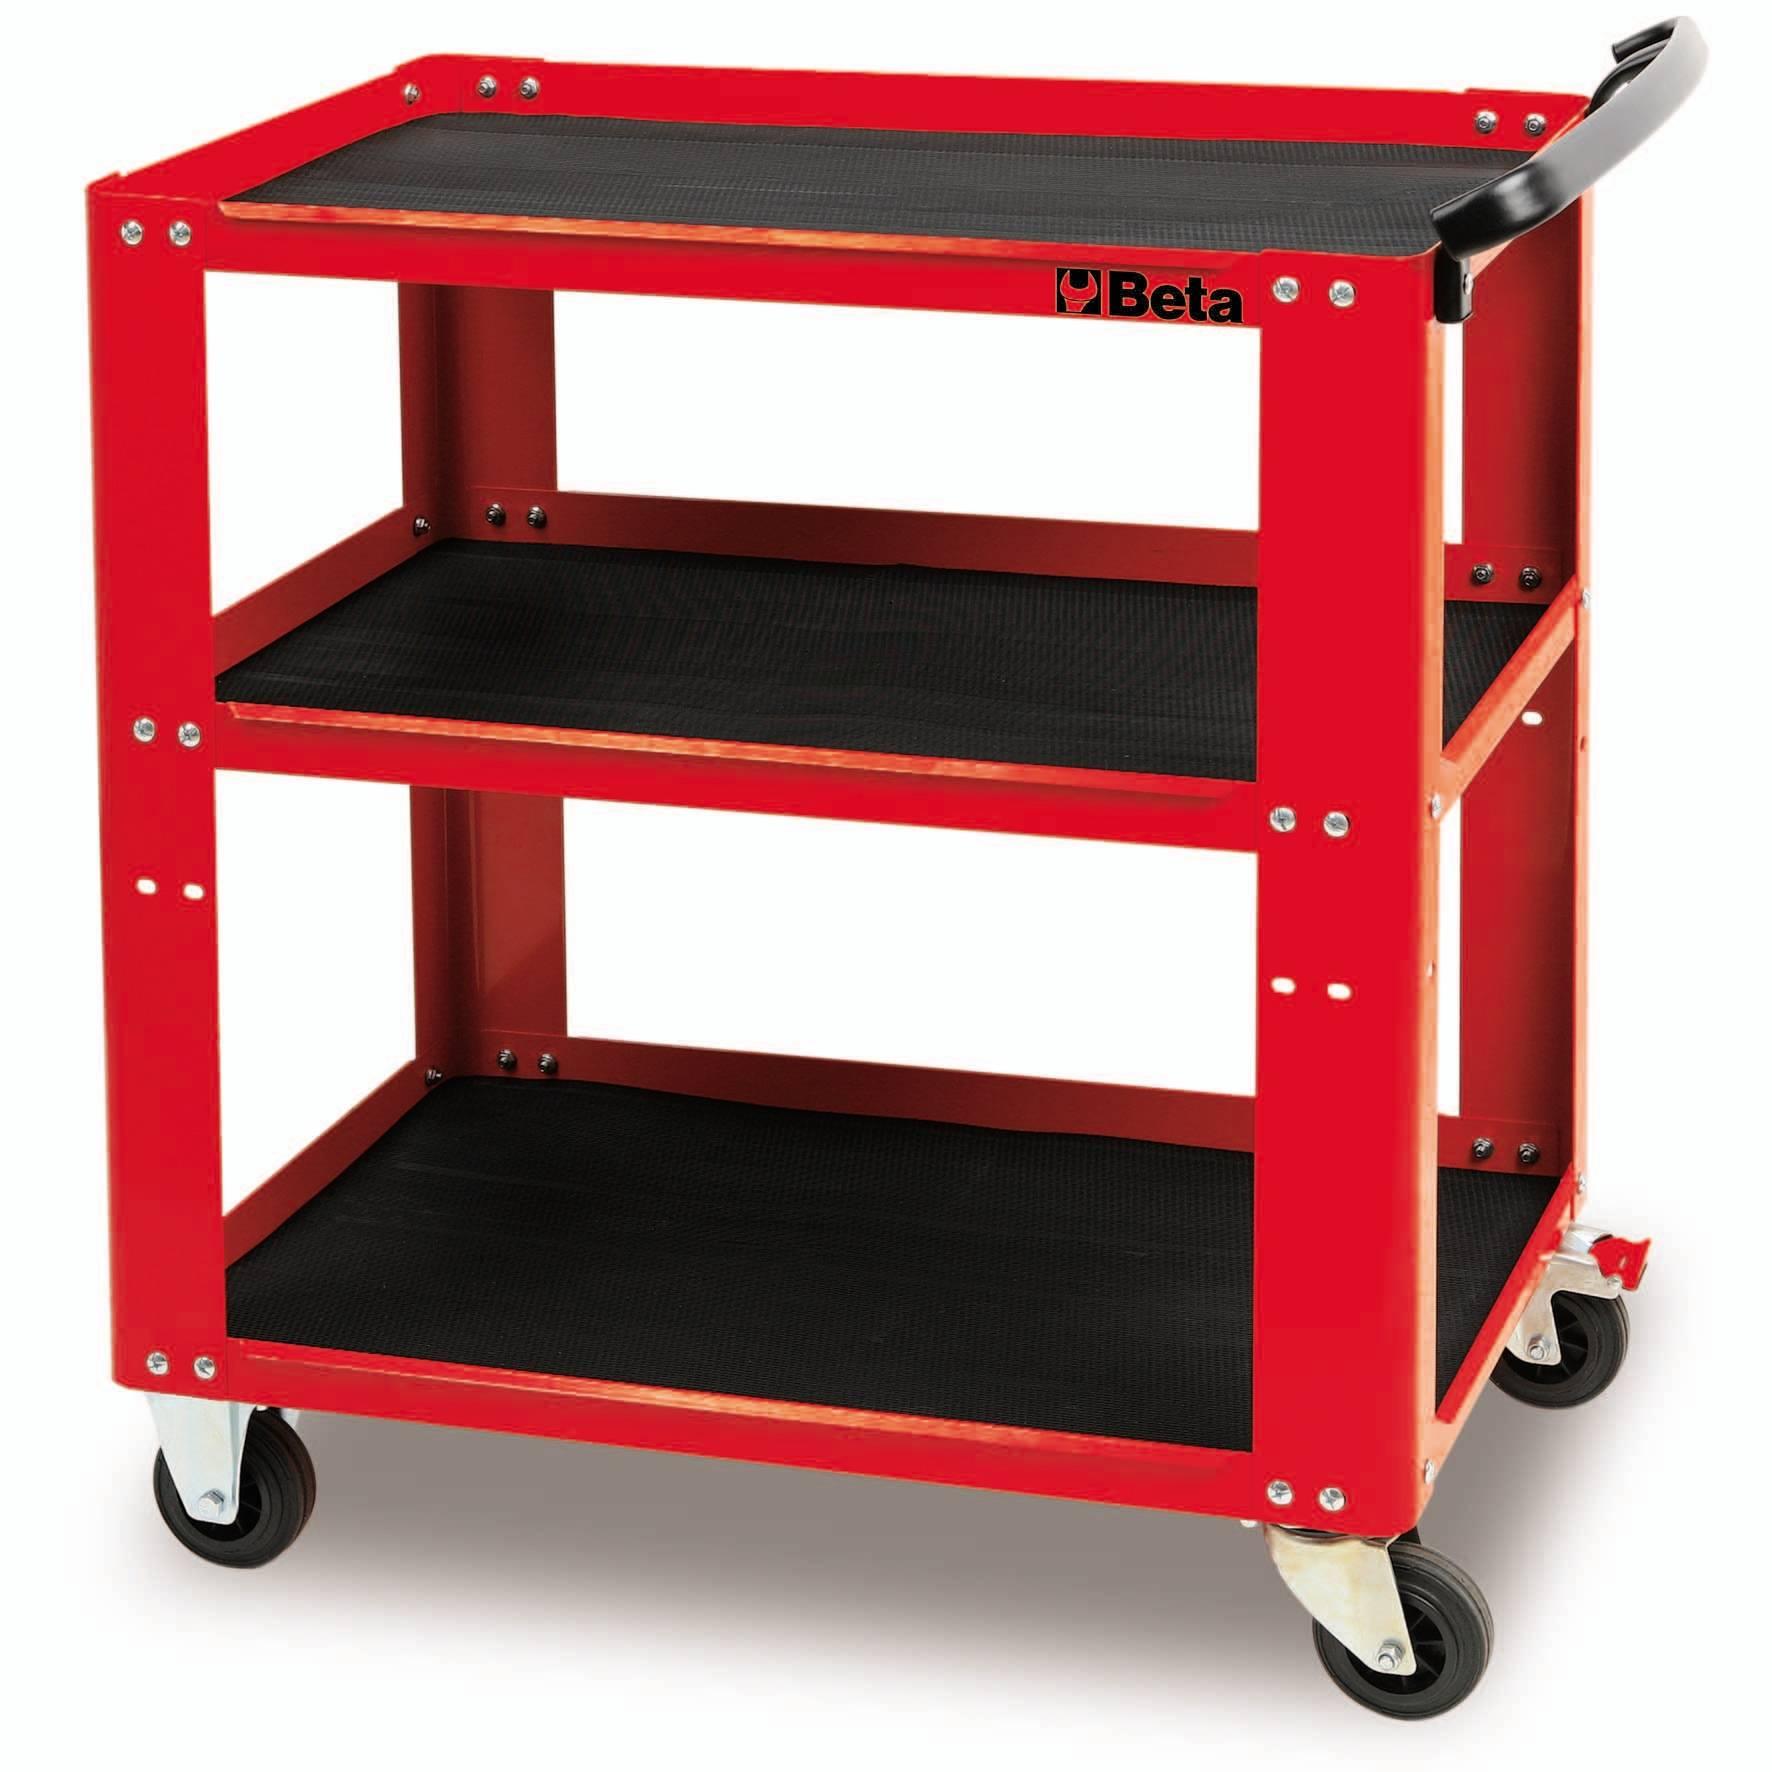 chariot d 39 atelier beta rouge m tallique c51 achat mat riel et quipement de garage auto. Black Bedroom Furniture Sets. Home Design Ideas